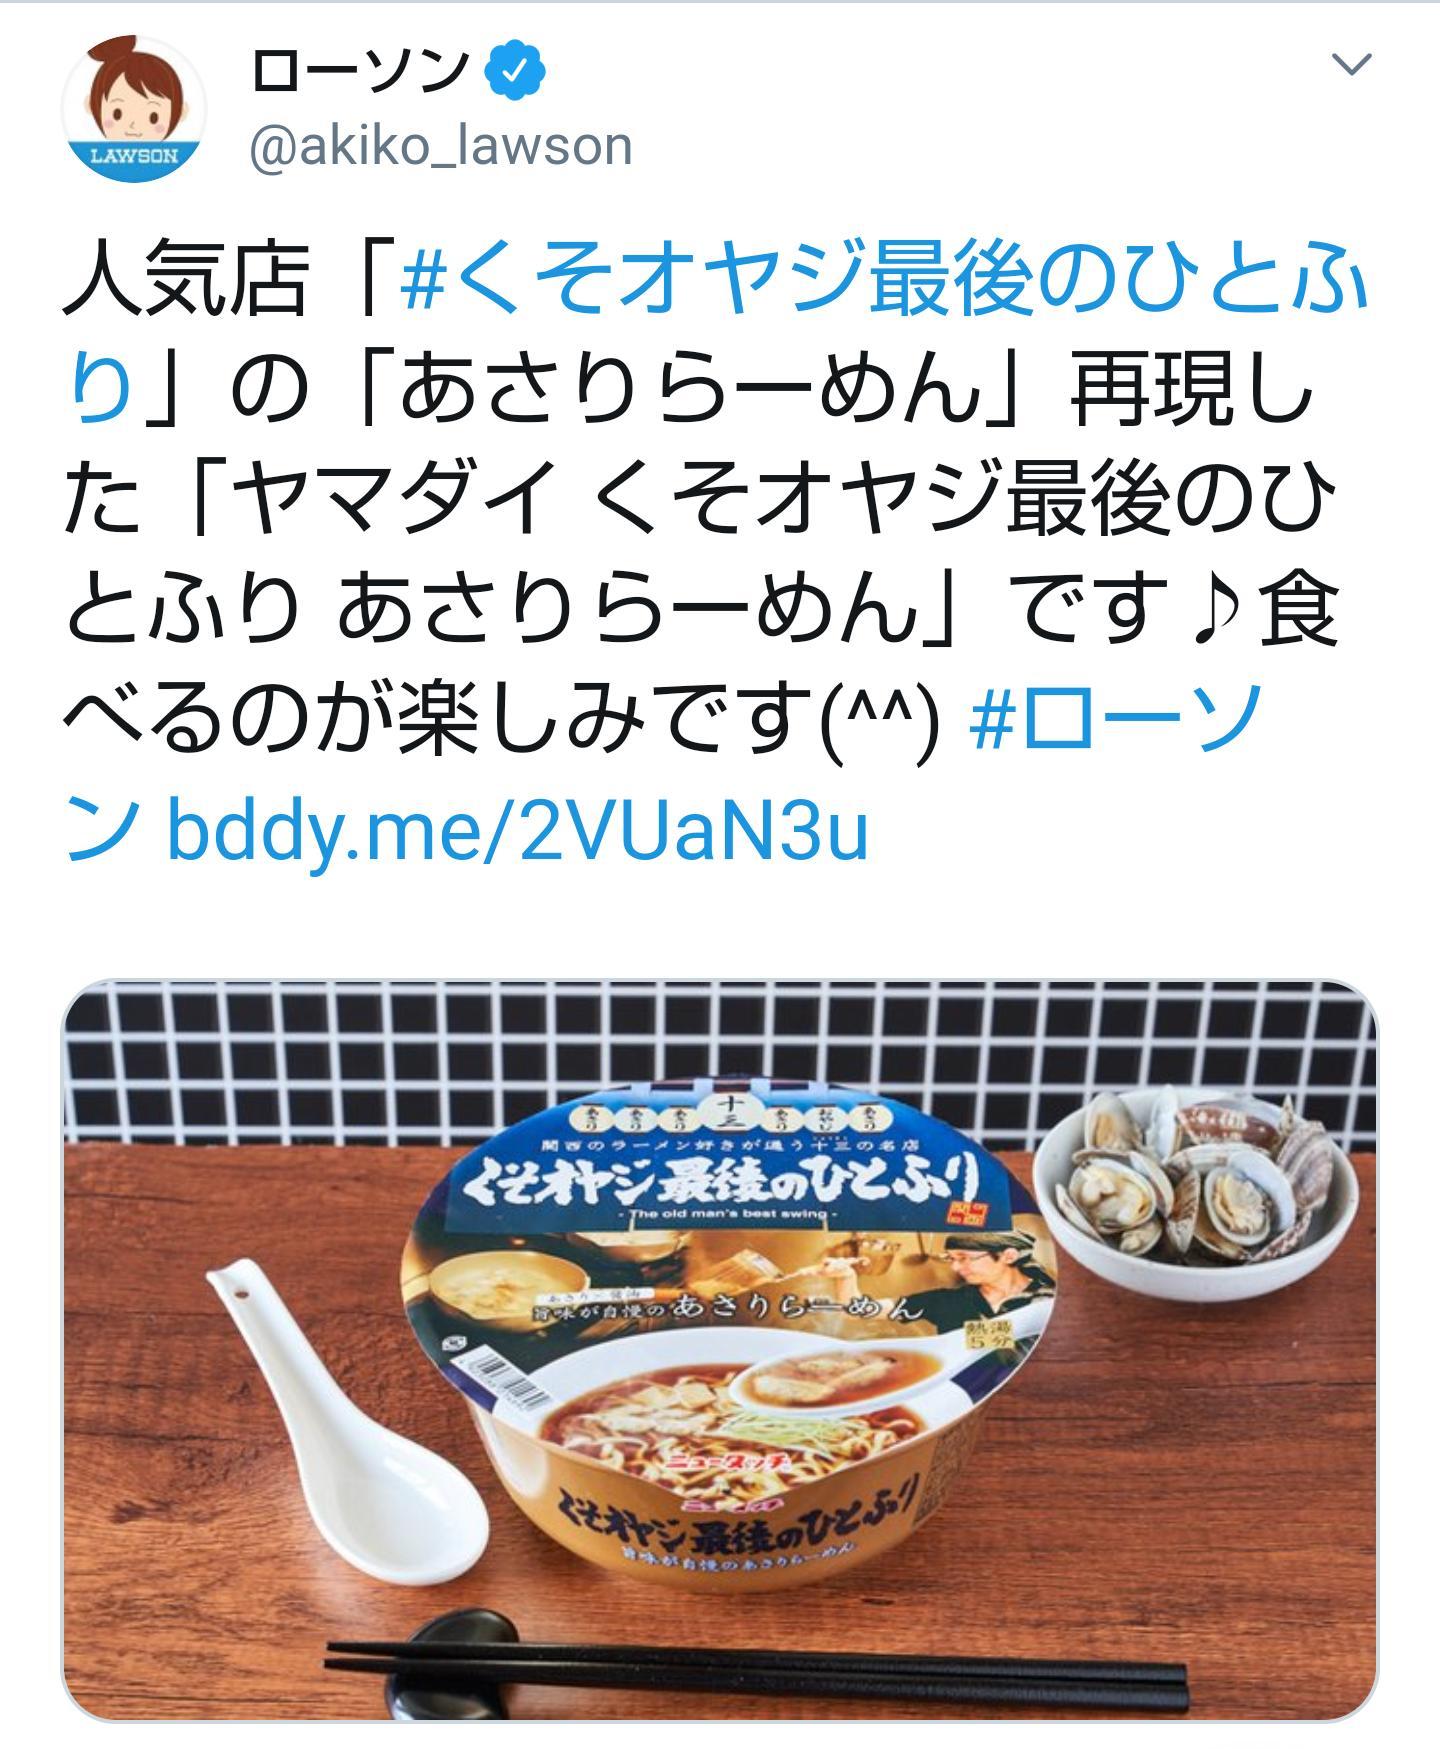 【悲報】ローソンさん、めちゃくちゃクサそうなラーメン新発売!!!